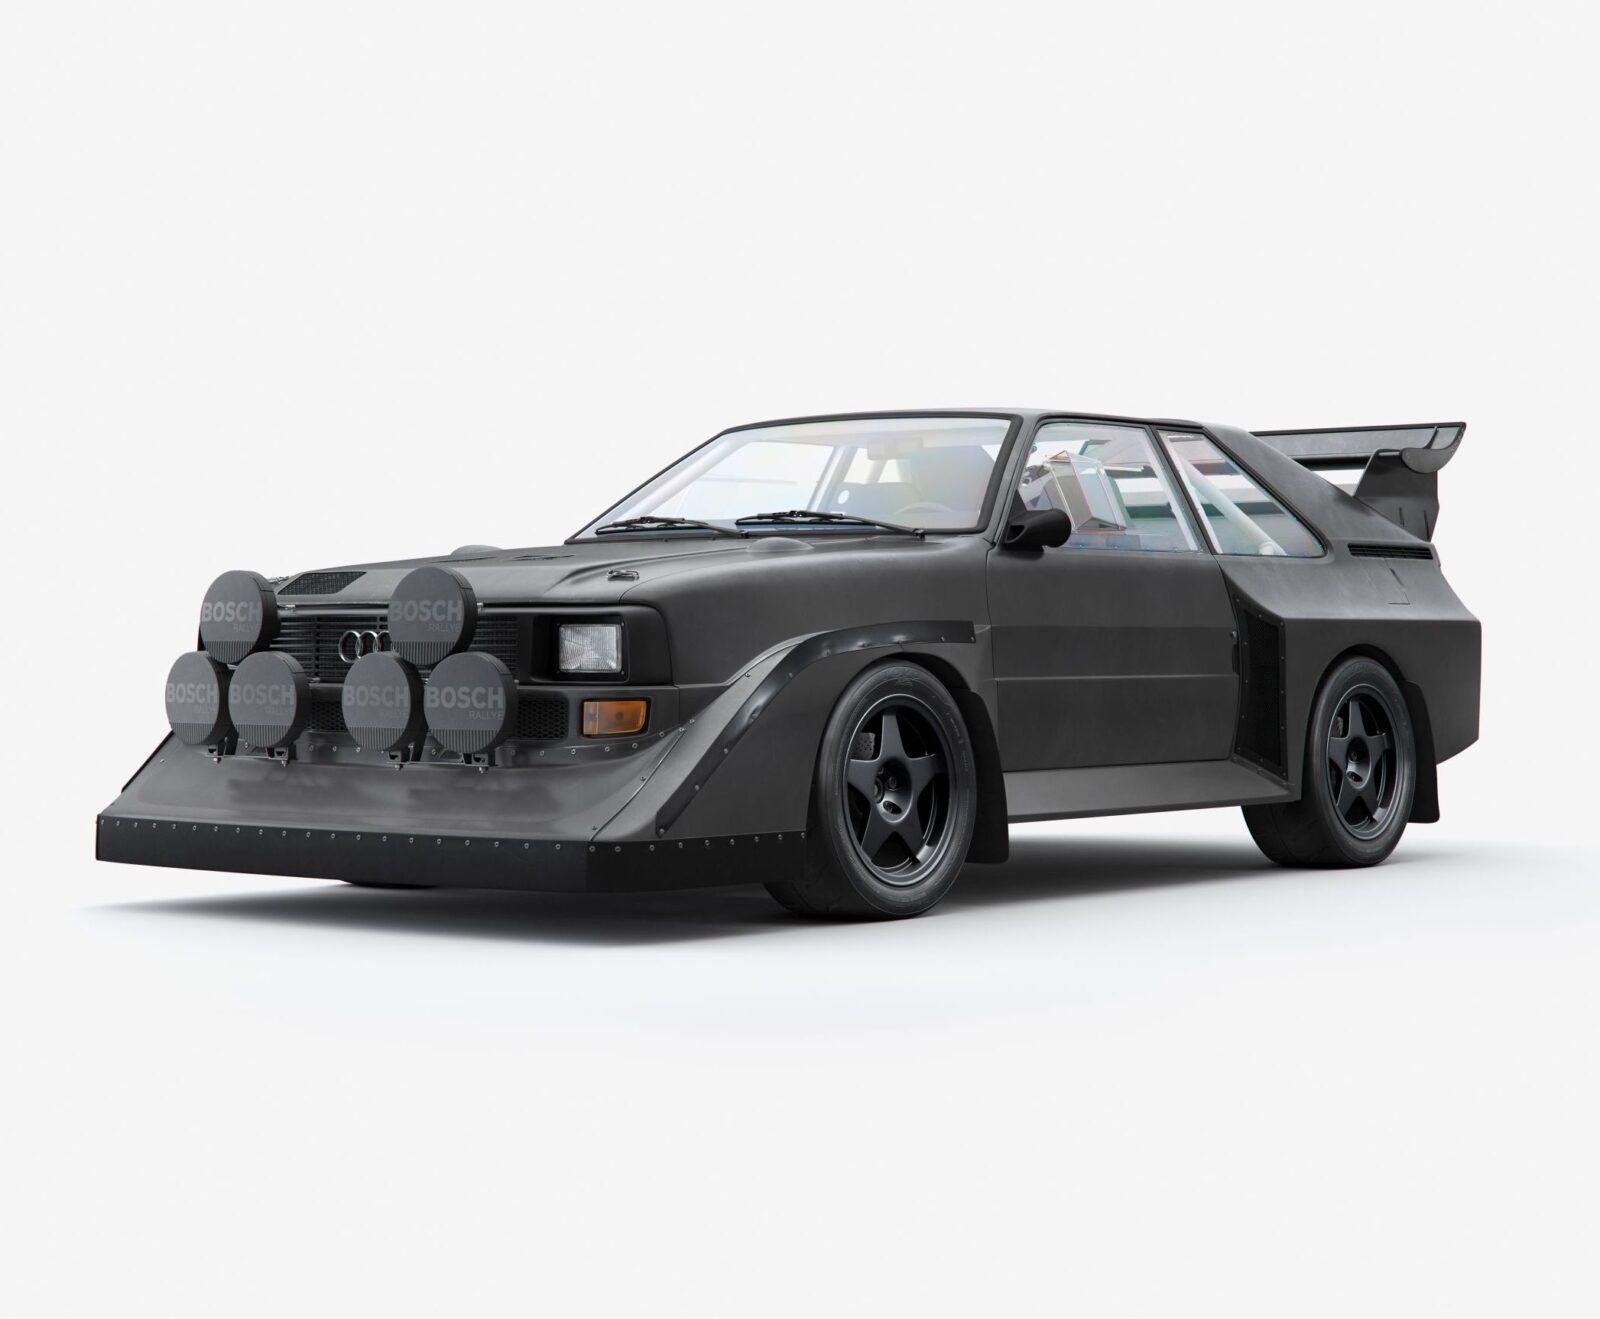 Audi S1 E2 Group B Rally